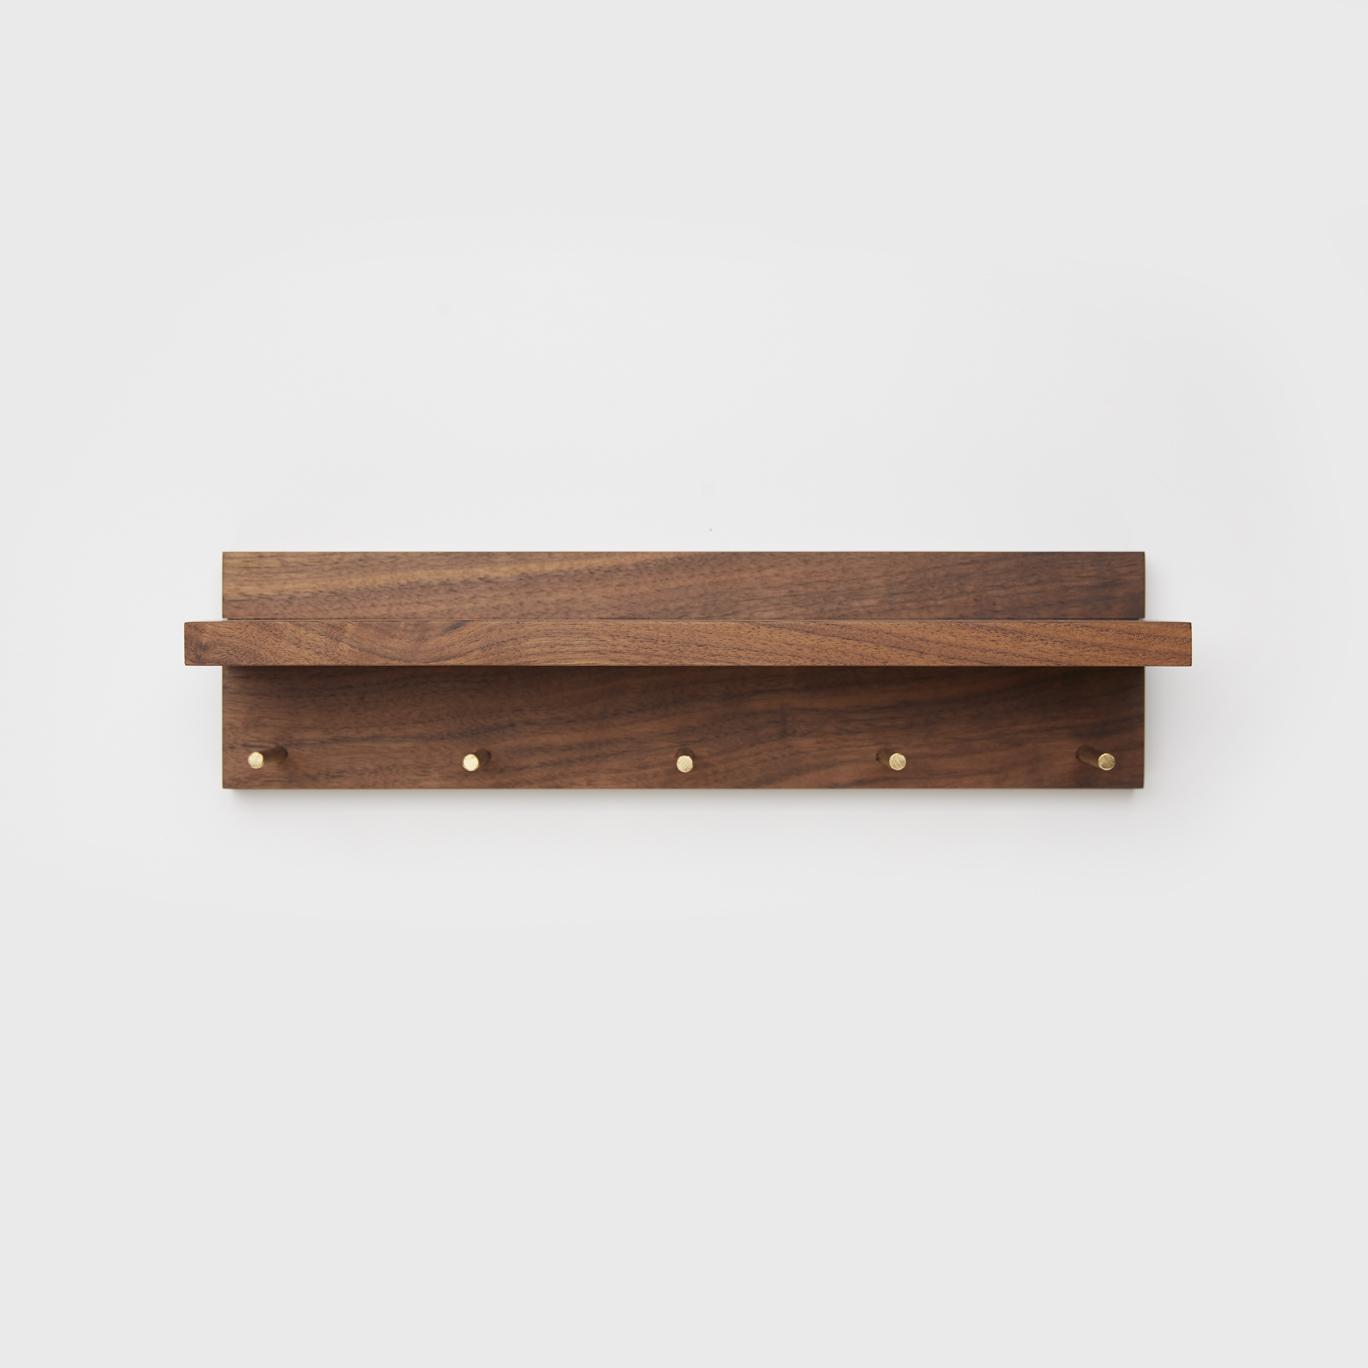 Wall Mounted Key Shelf